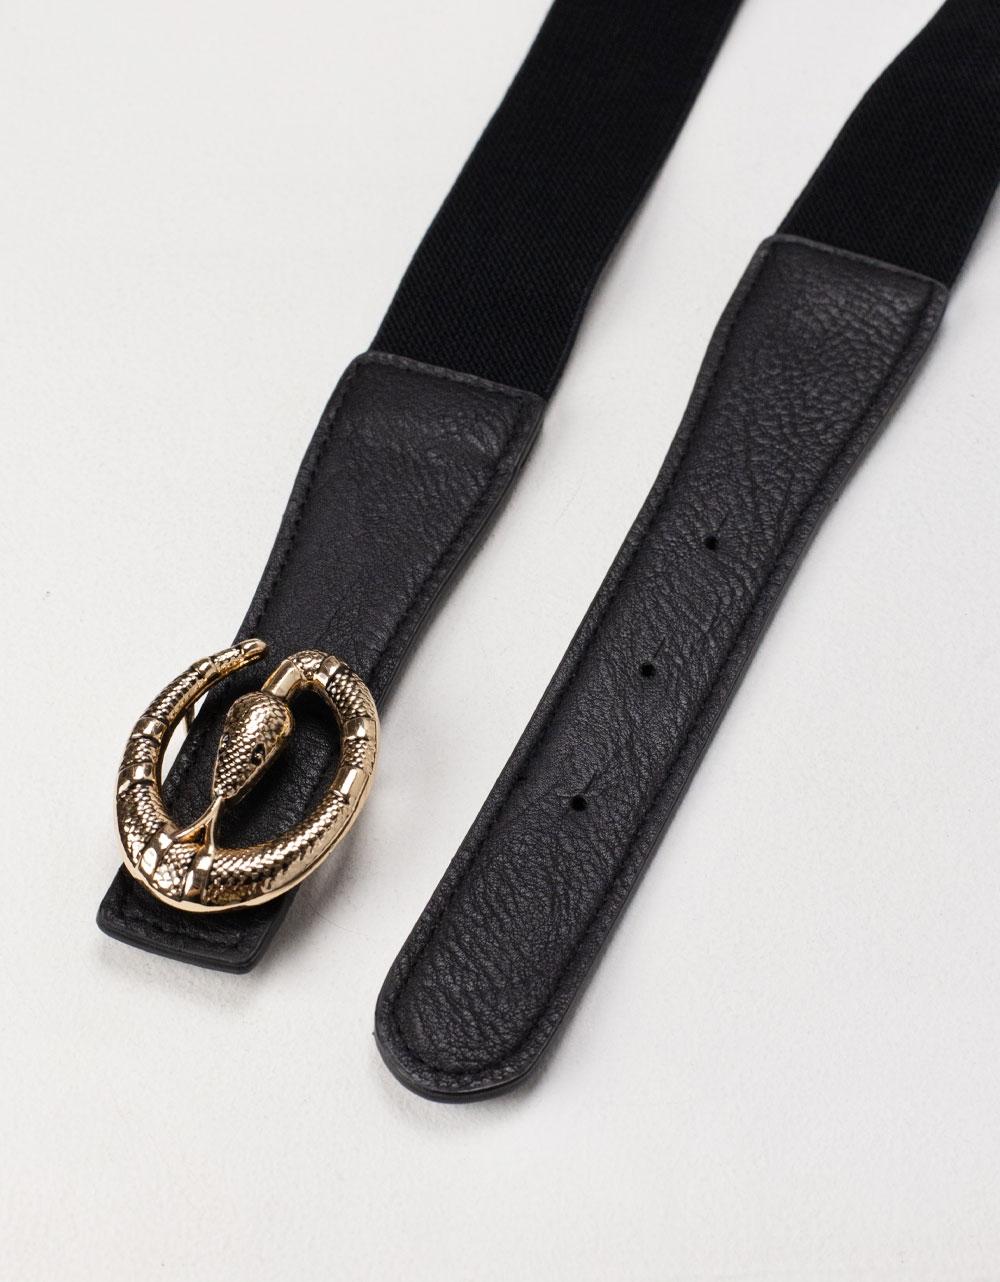 Εικόνα από Γυναικεία ζώνη ελαστική με σχέδιο φίδι Μαύρο